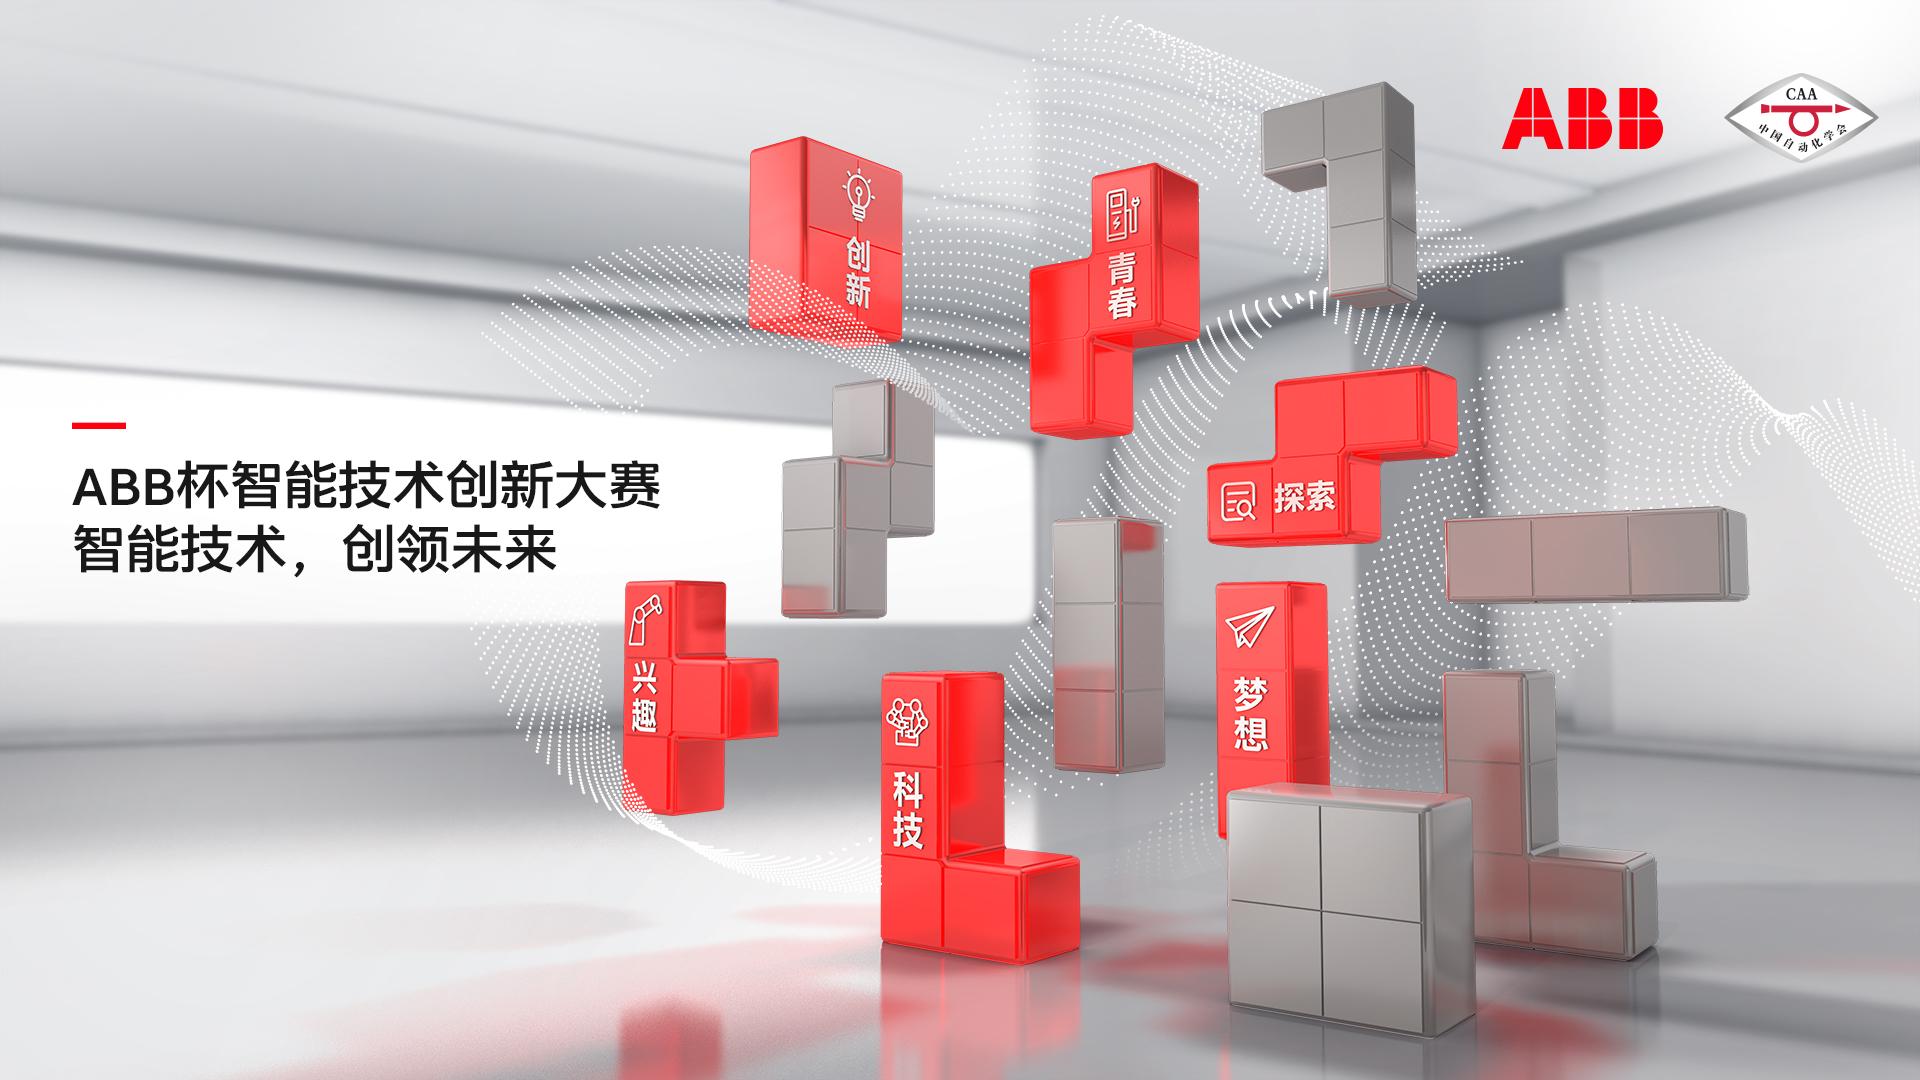 2021年ABB杯智能技术创新大赛启动